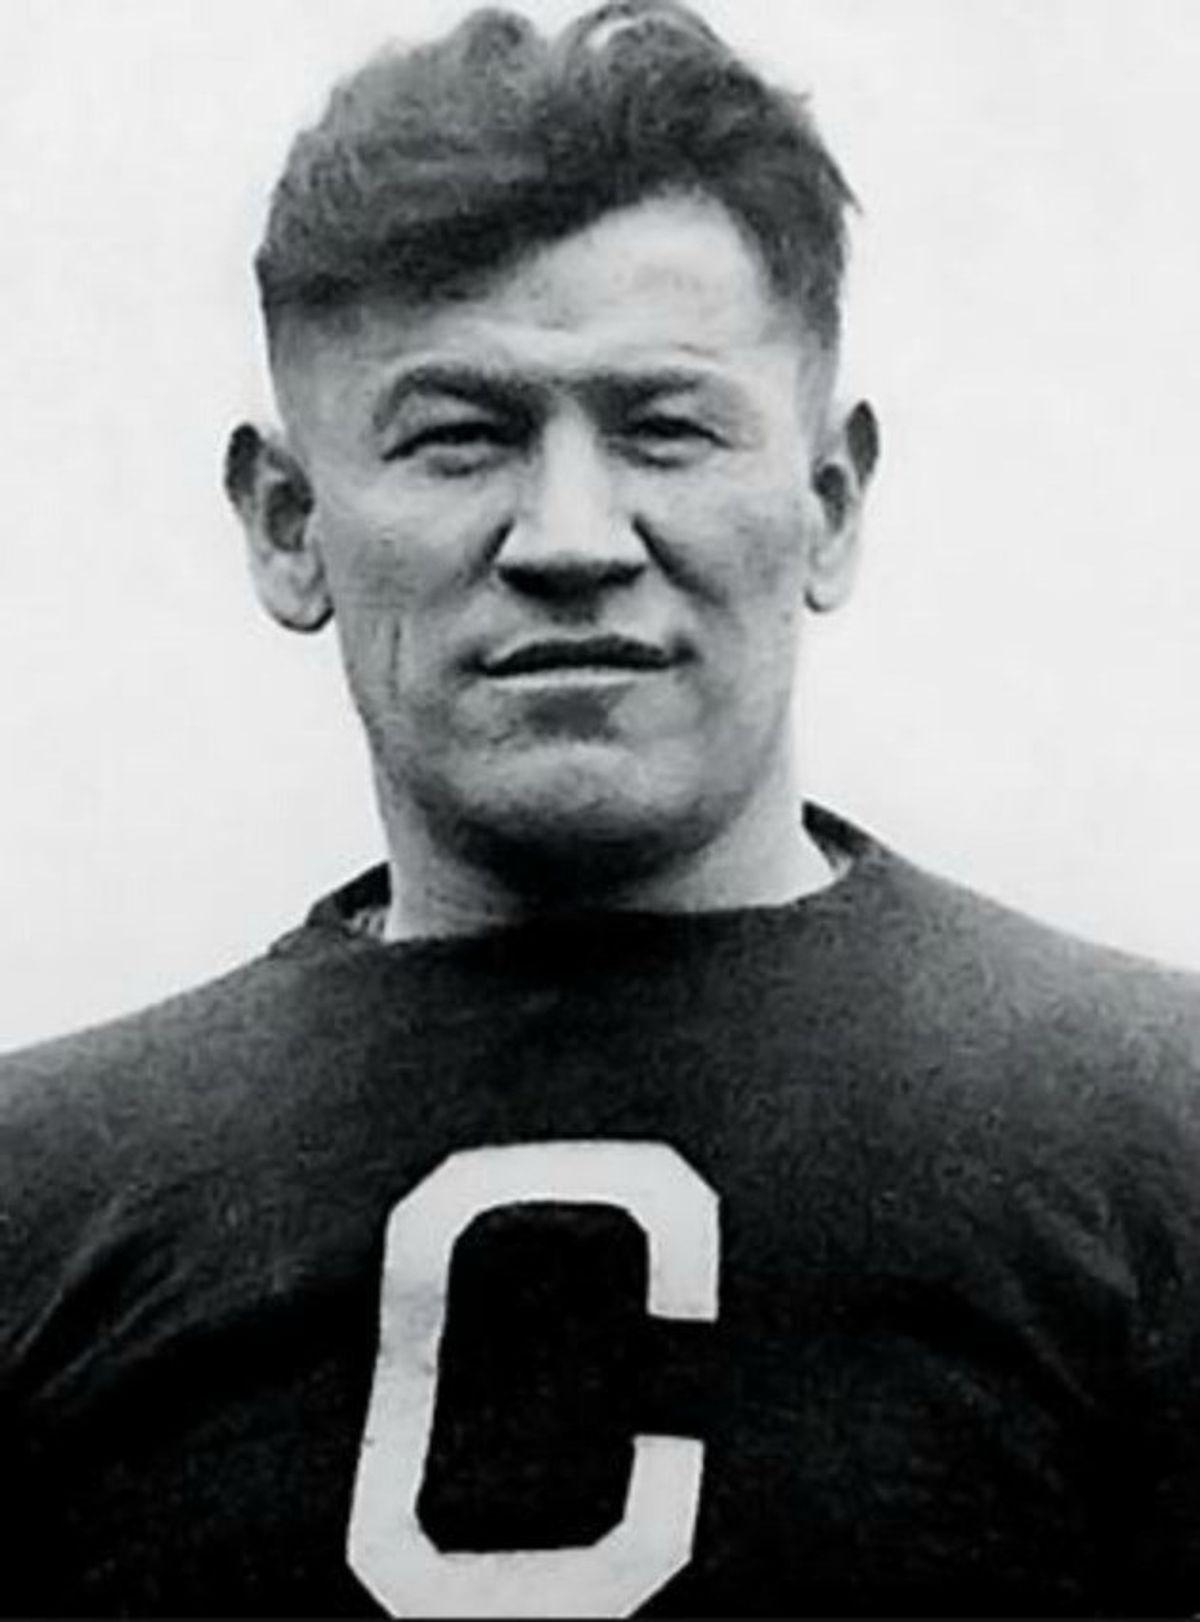 Jim Thorpe Needs To Be Returned Home